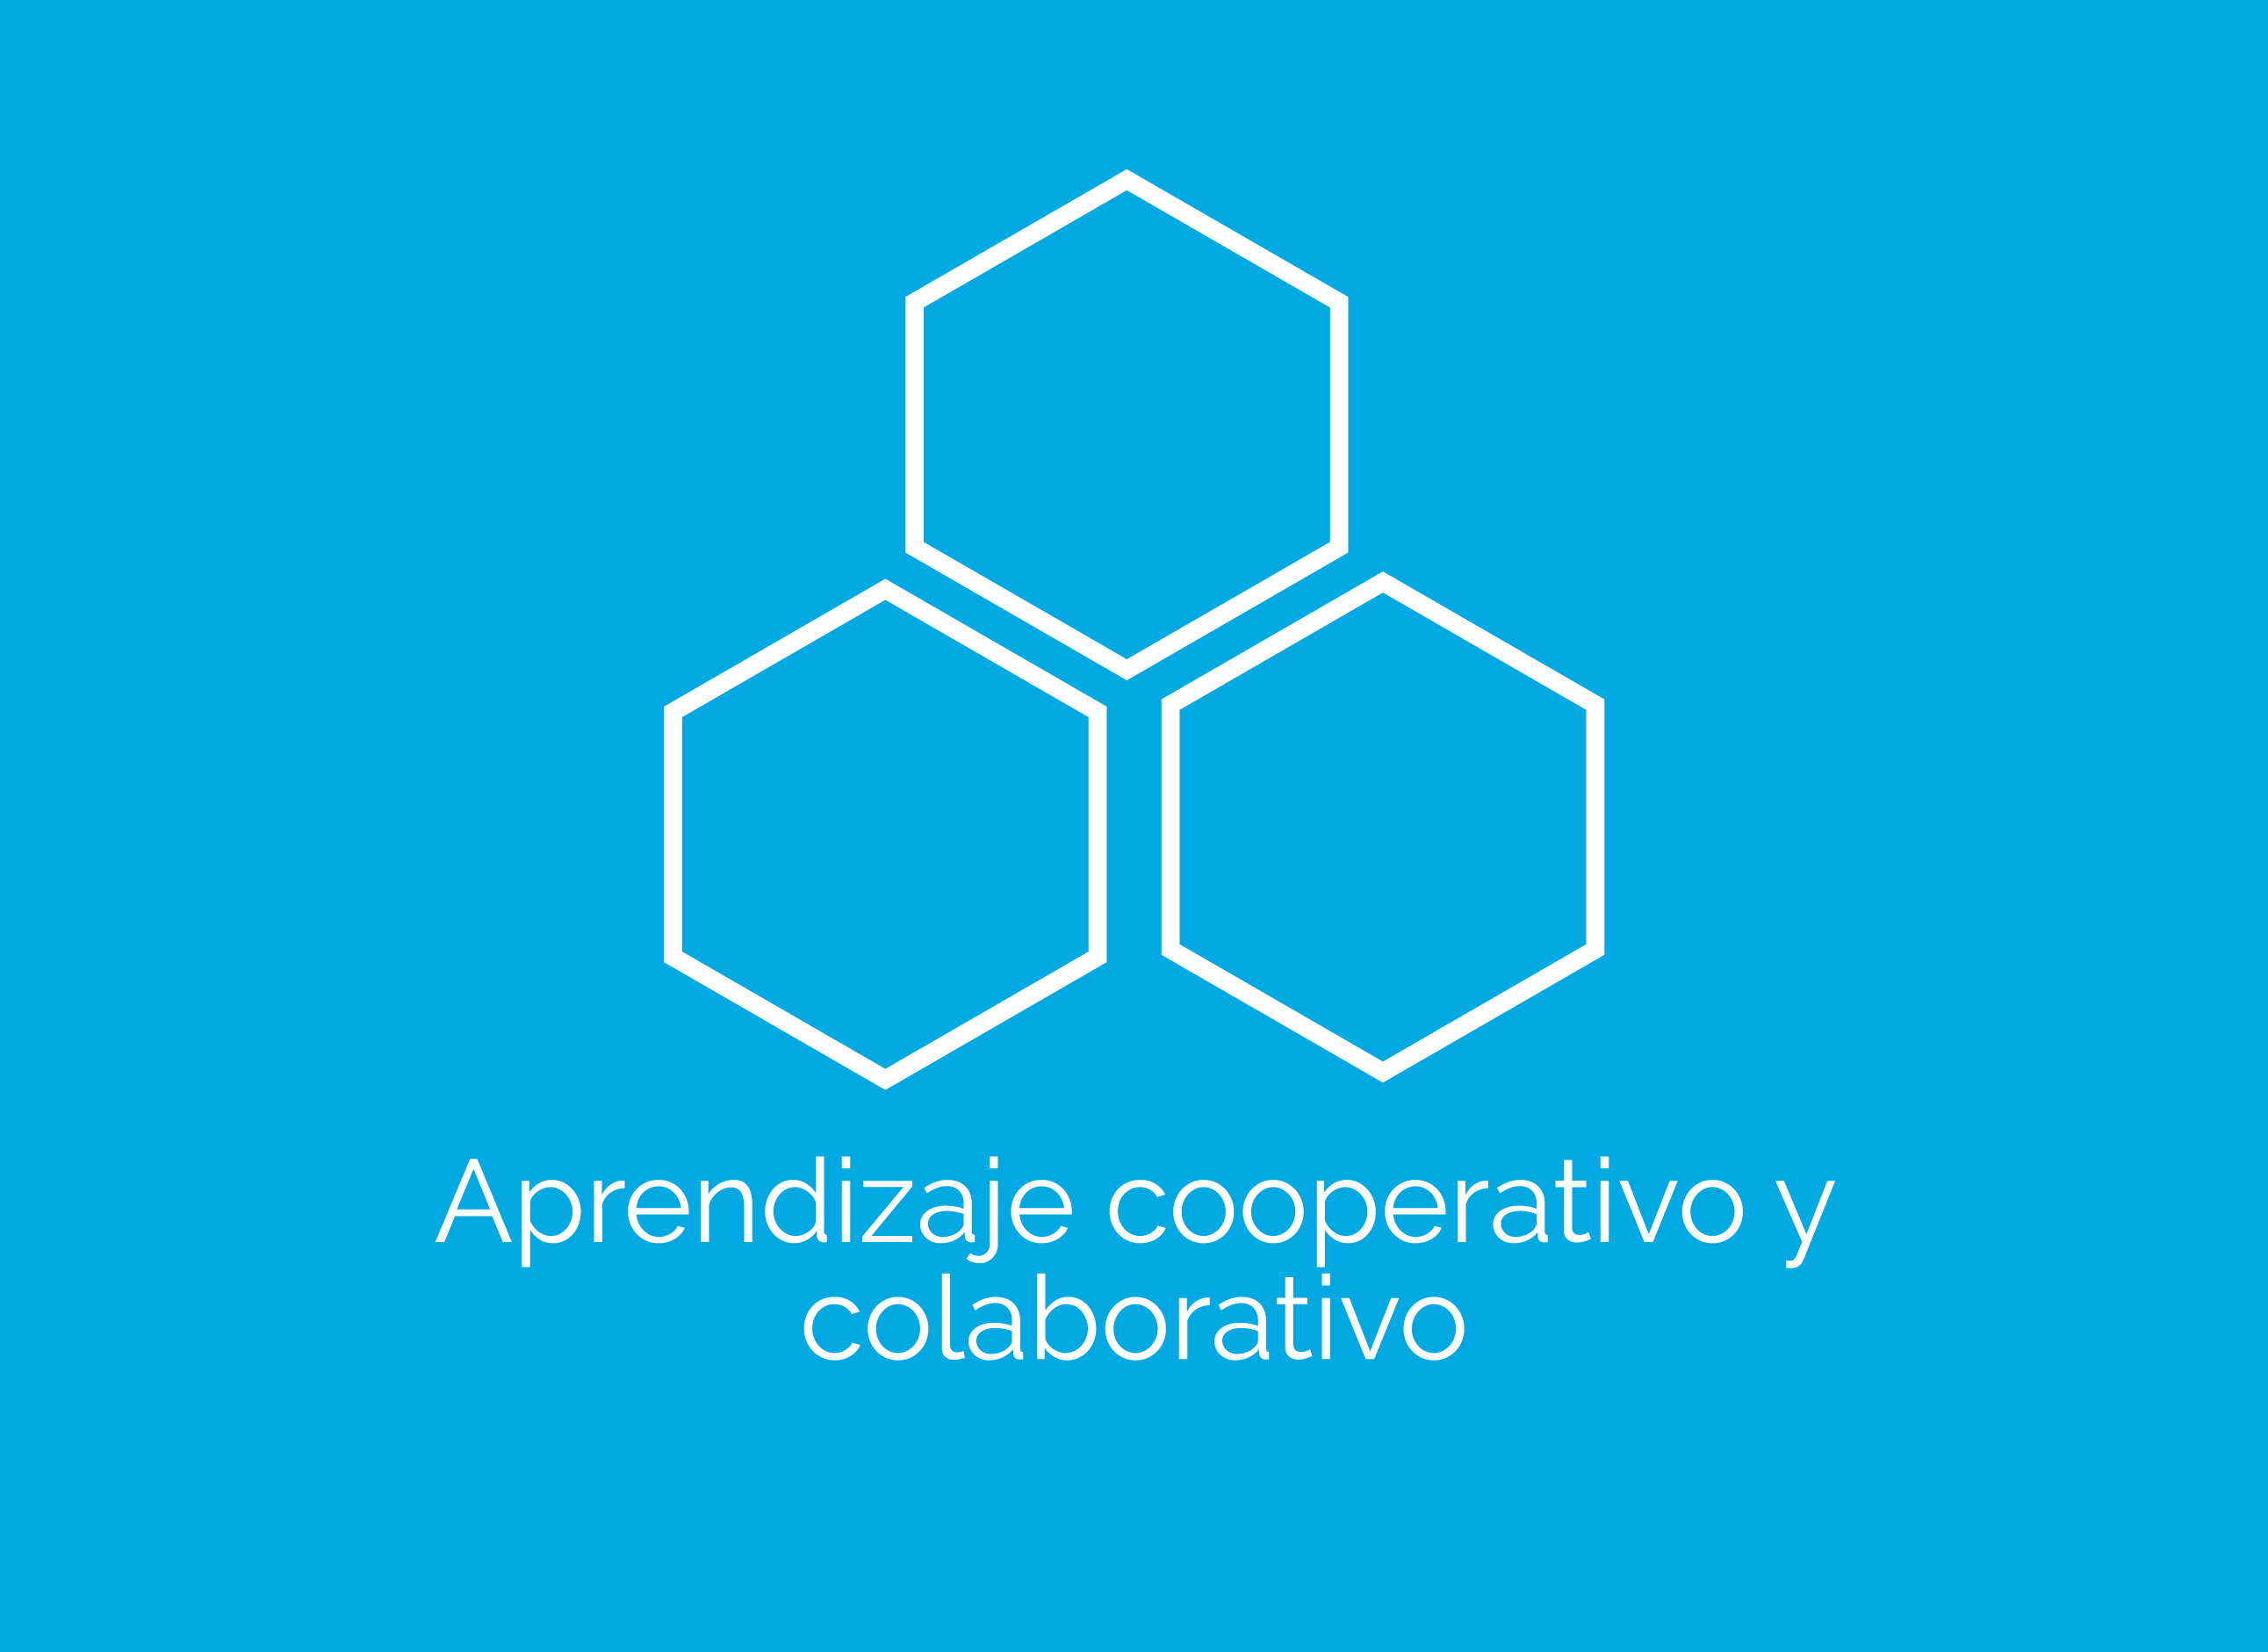 15a Edición - Estrategias didácticas para el aprendizaje cooperativo / colaborativo